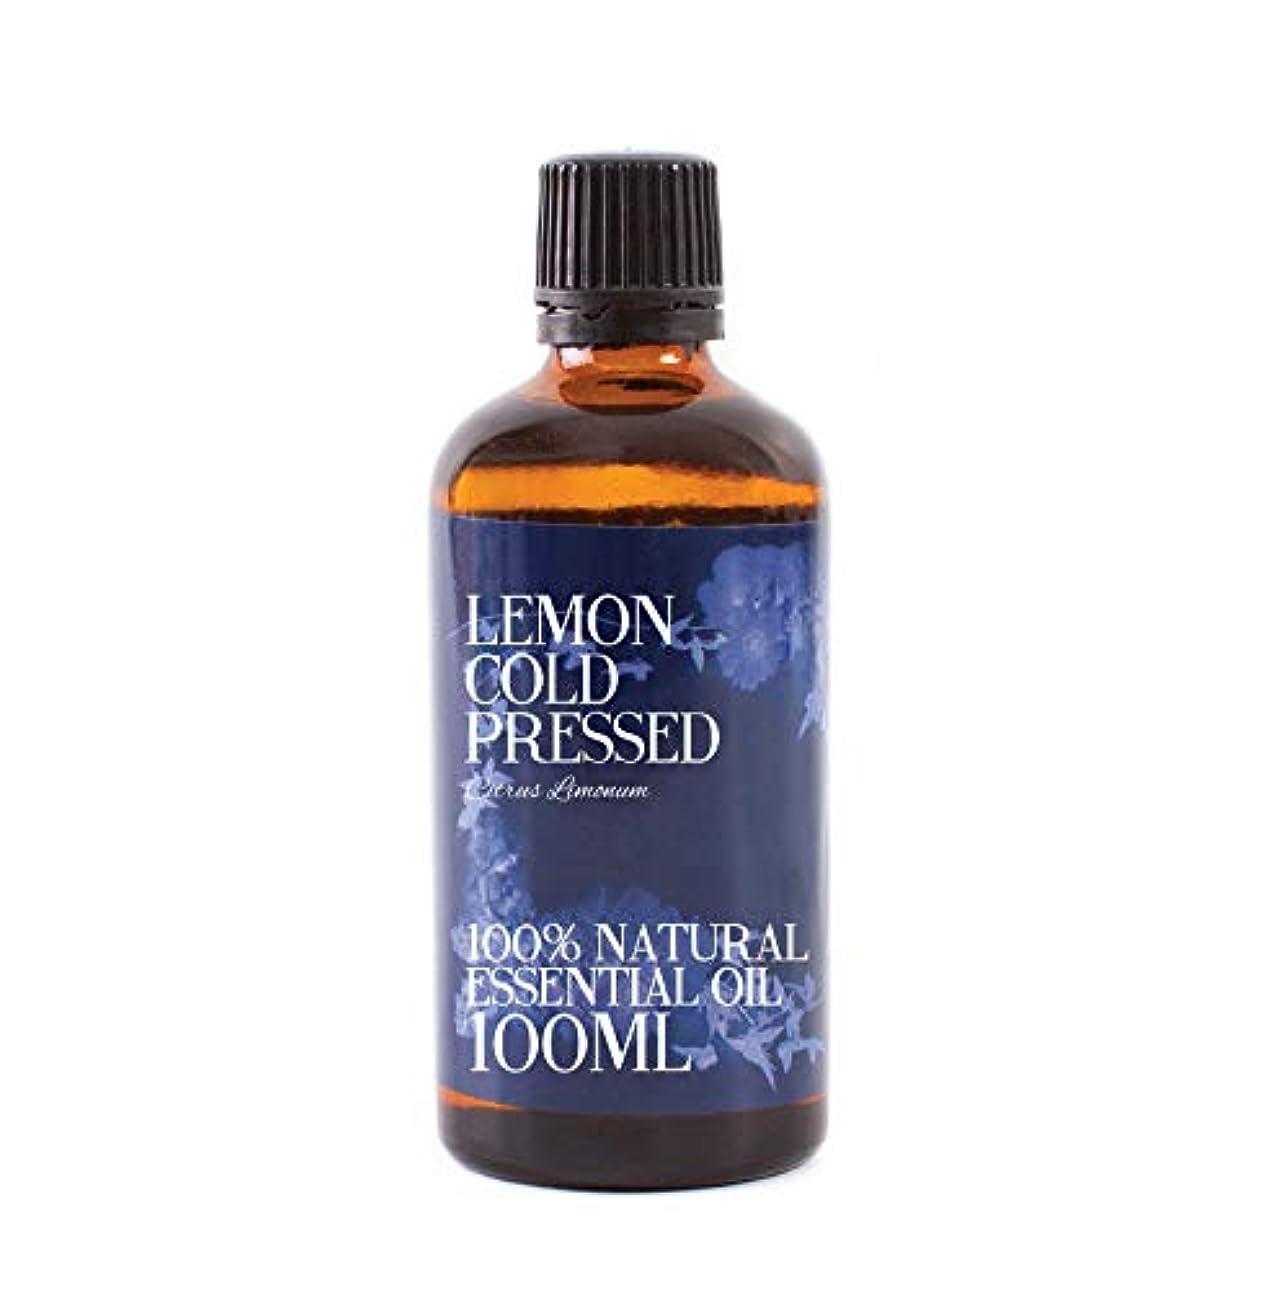 アブストラクトカカドゥアサーMystic Moments | Lemon Cold Pressed Essential Oil - 100ml - 100% Natural